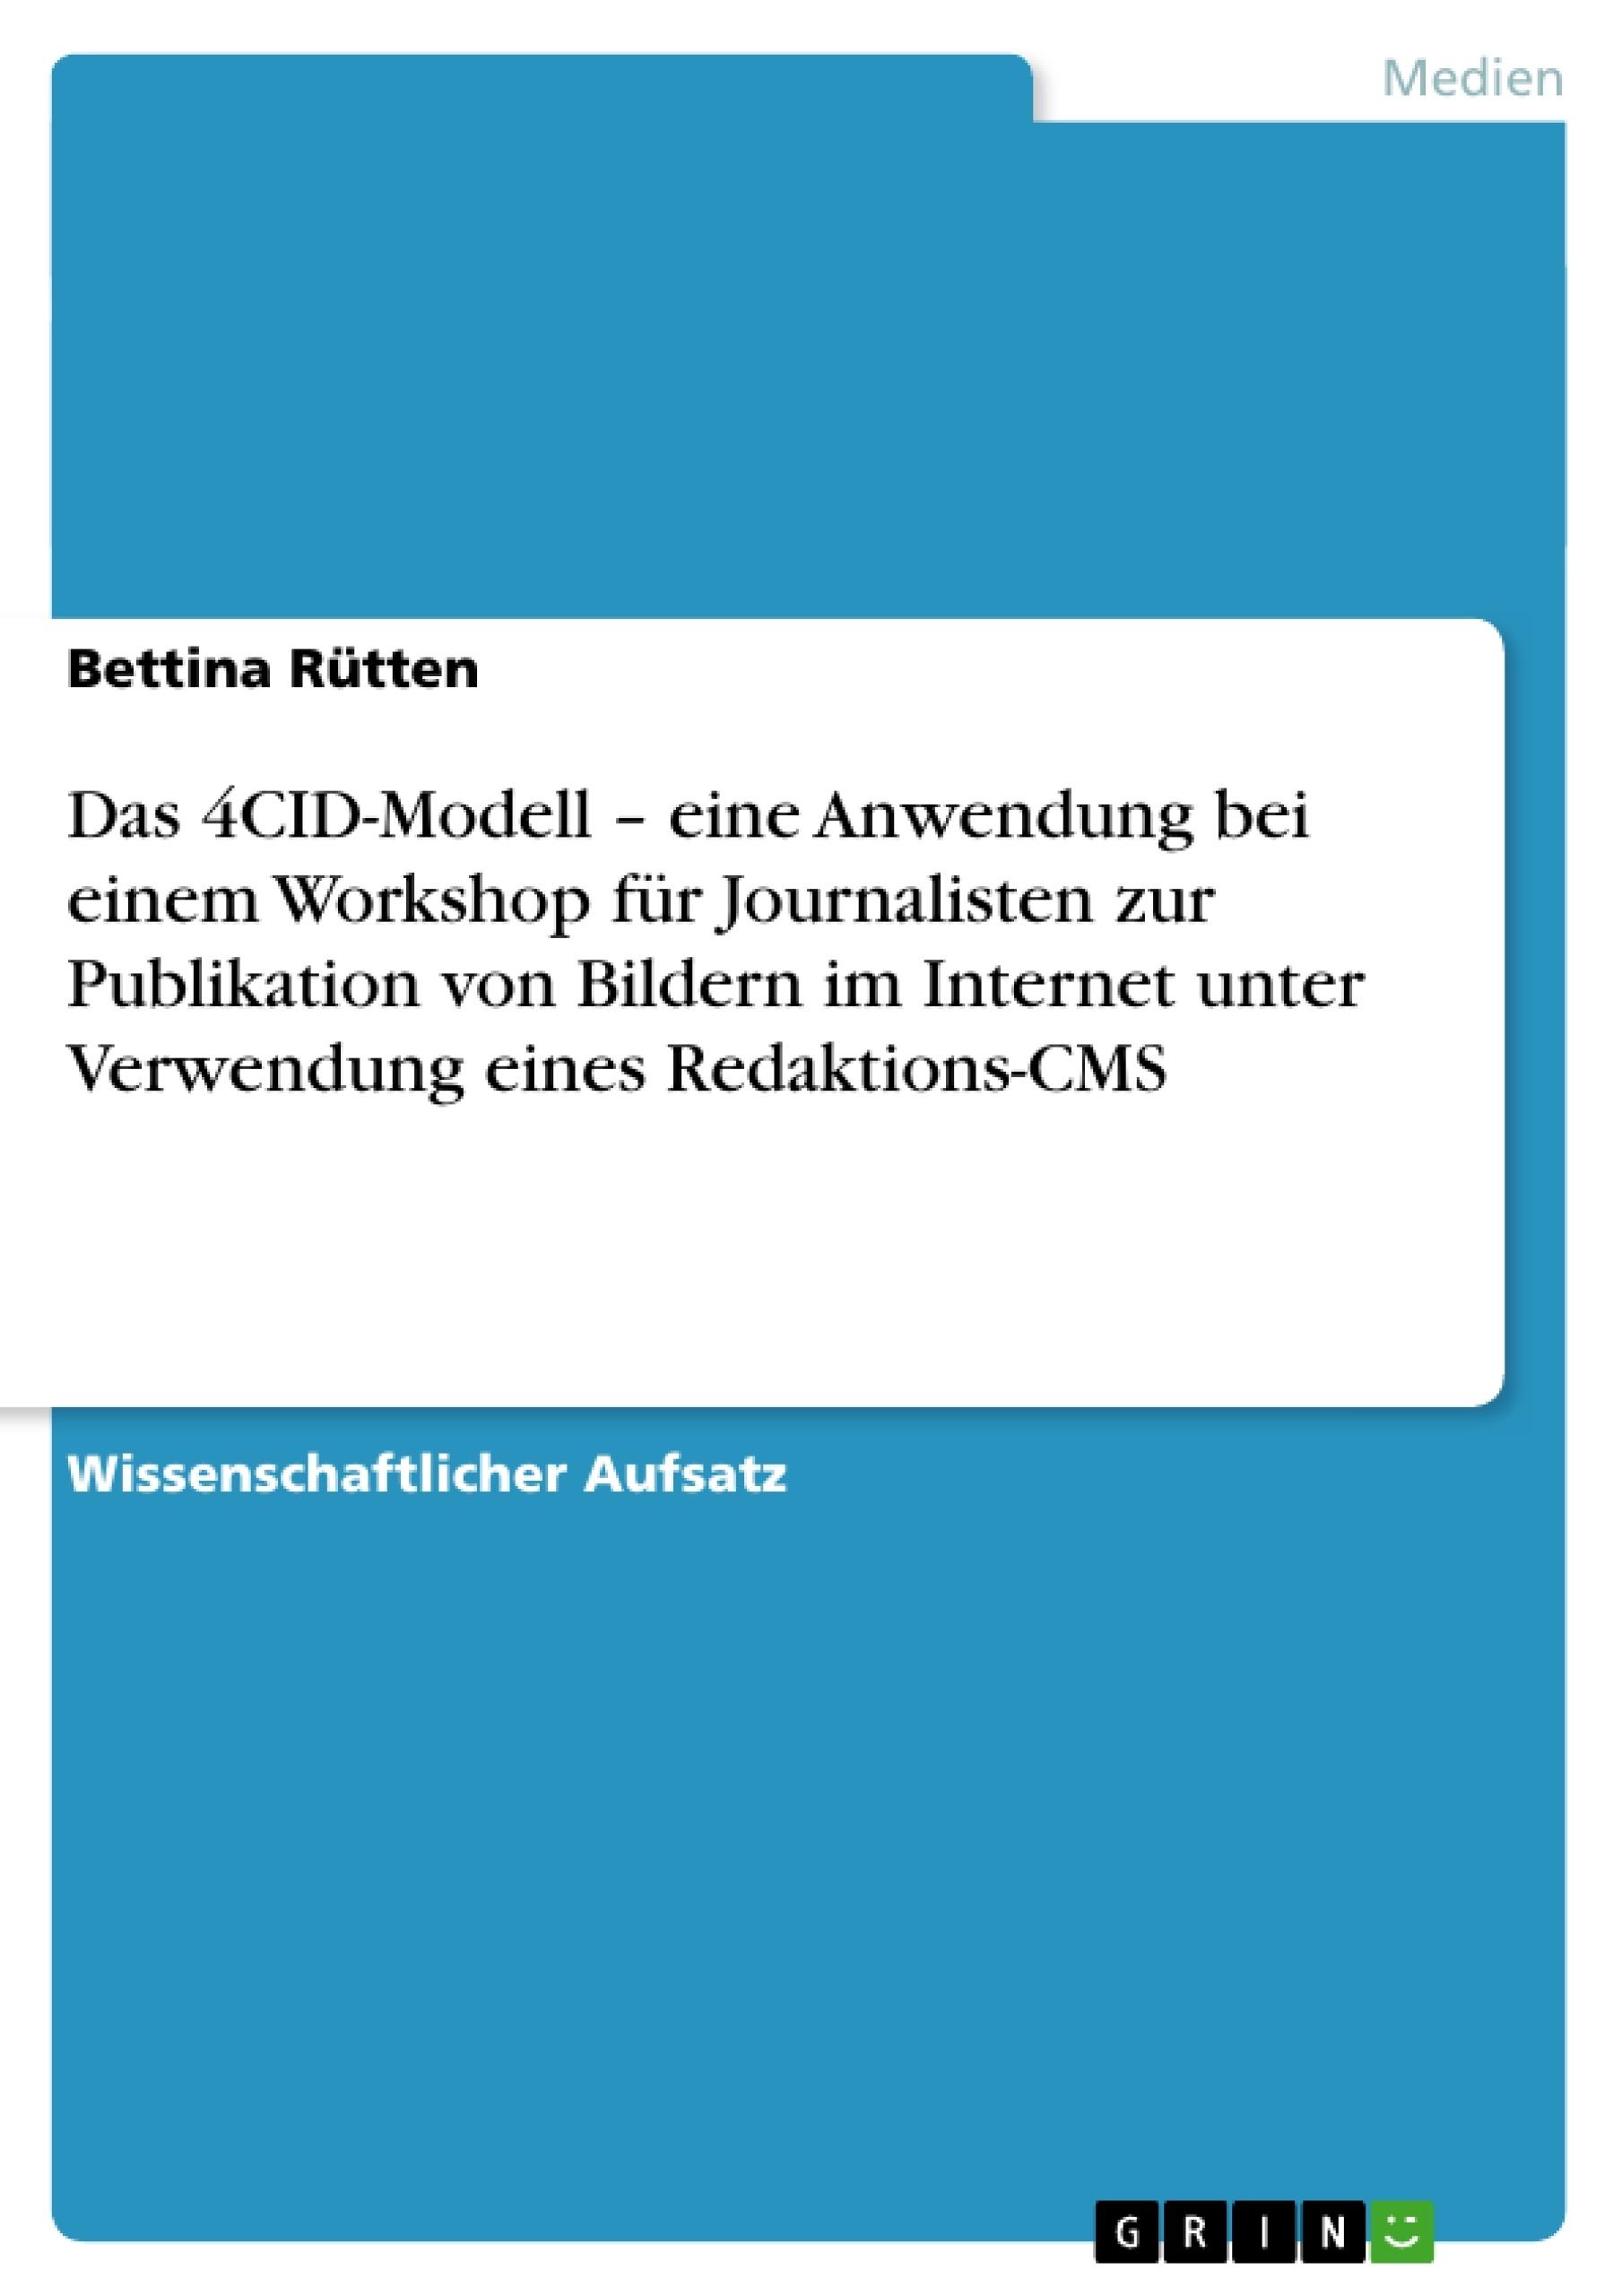 Titel: Das 4CID-Modell – eine Anwendung bei einem Workshop für Journalisten zur Publikation von Bildern im Internet unter Verwendung eines Redaktions-CMS